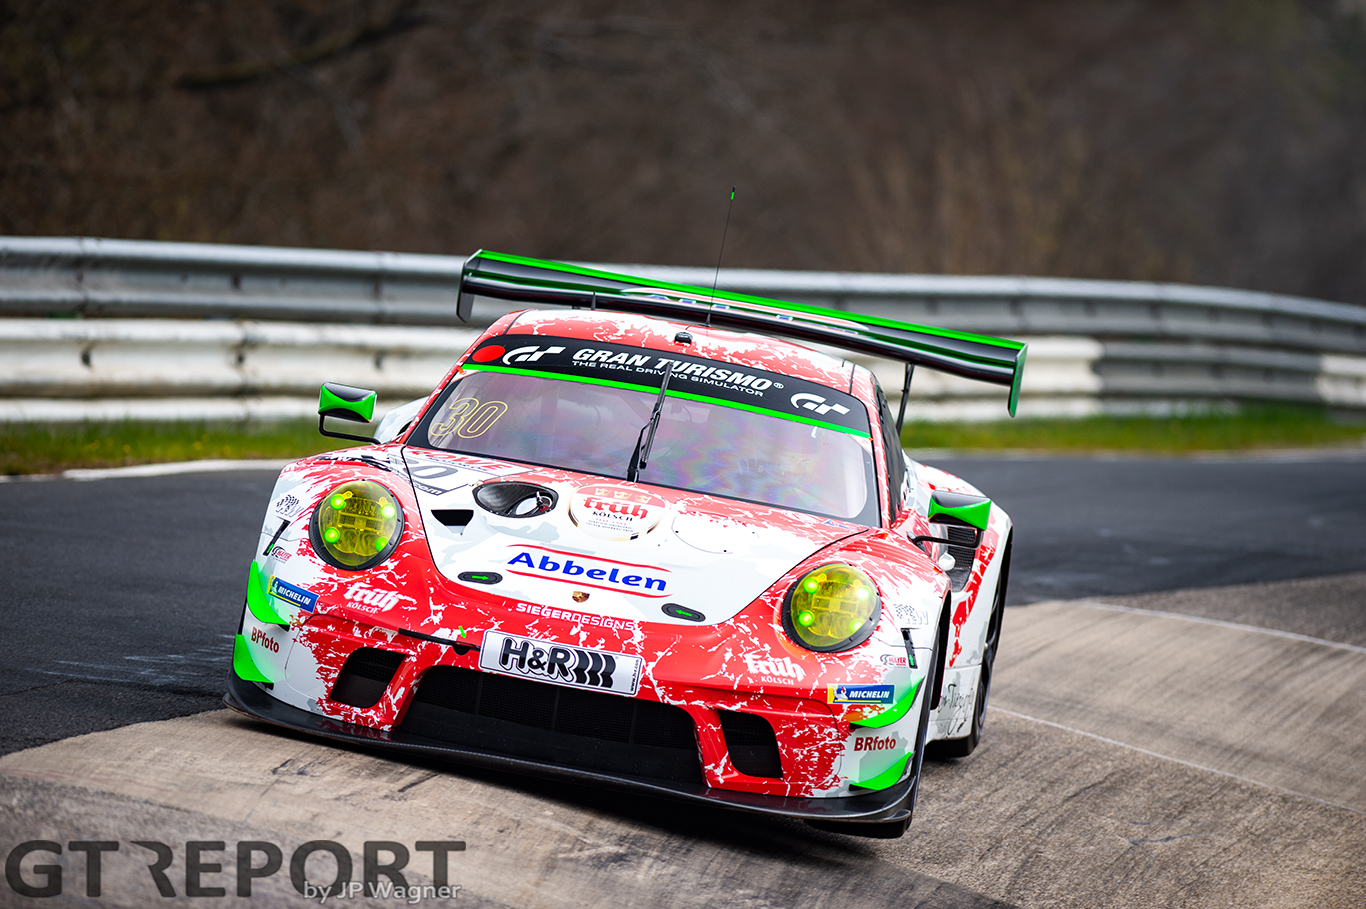 VLN Nürburgring Endurance Series NLS3 race report: Frikadelli Racing takes emotional 1-2 victory